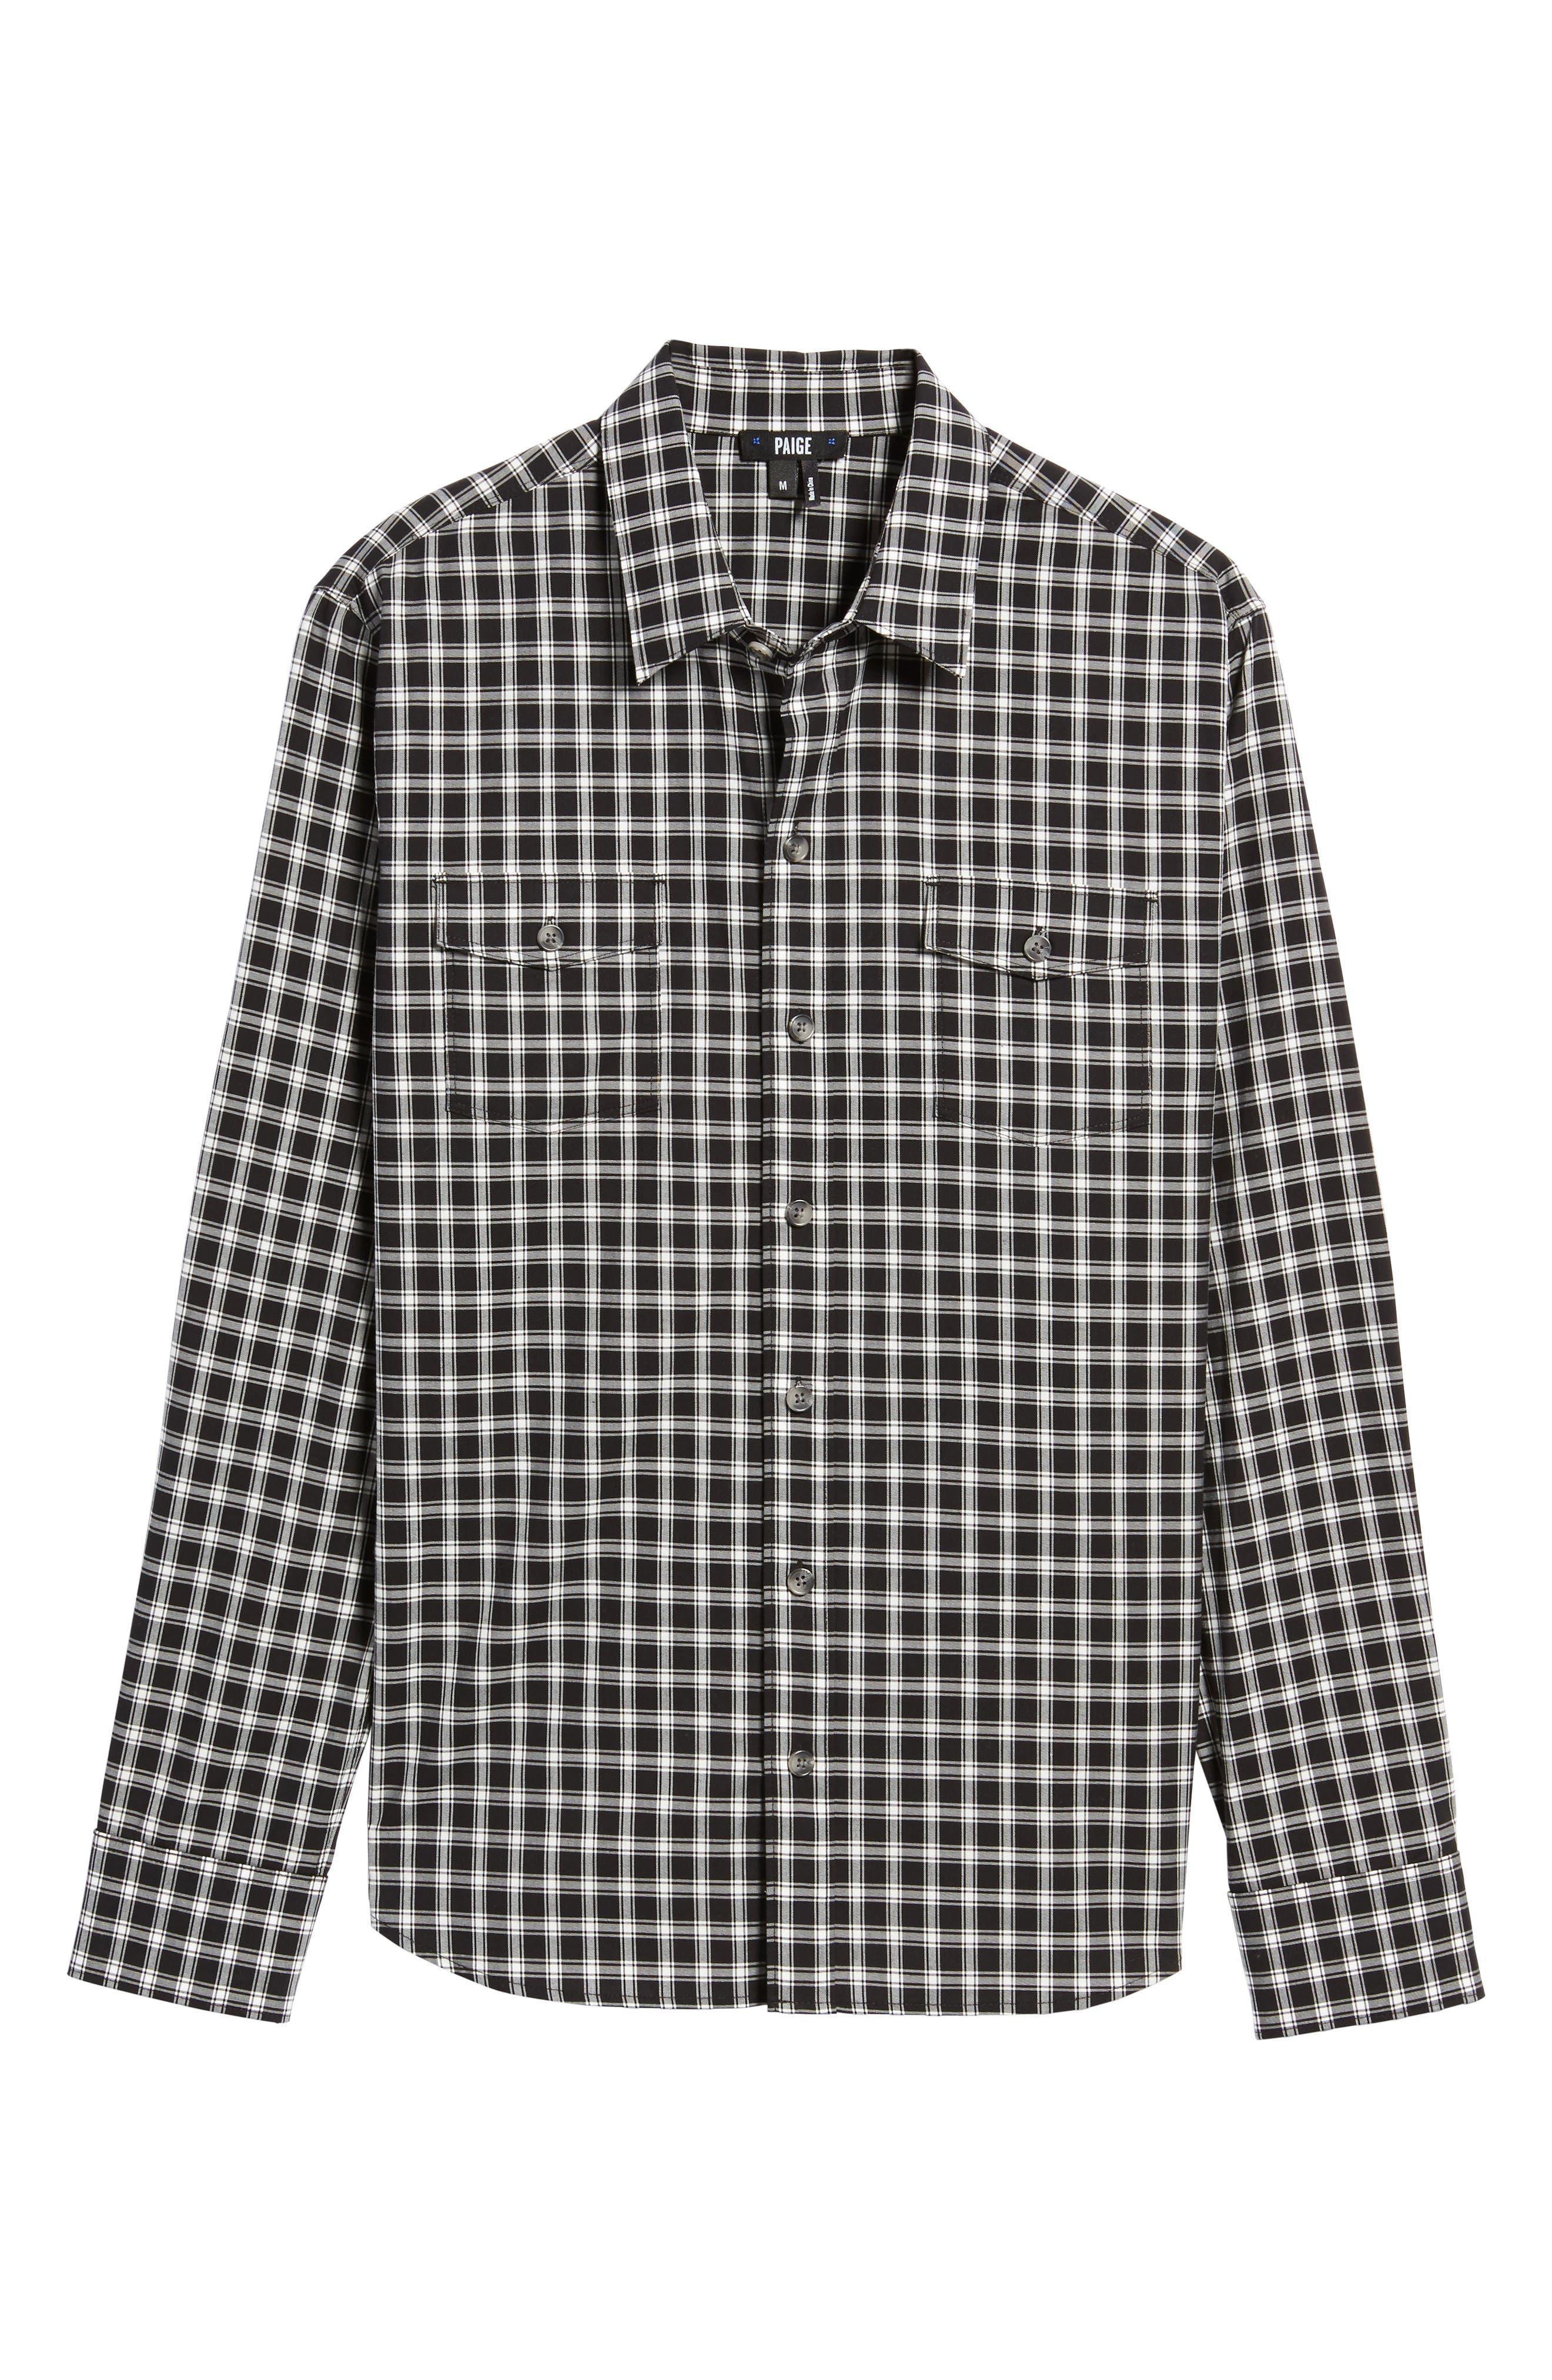 Everett Check Sport Shirt,                             Alternate thumbnail 6, color,                             001